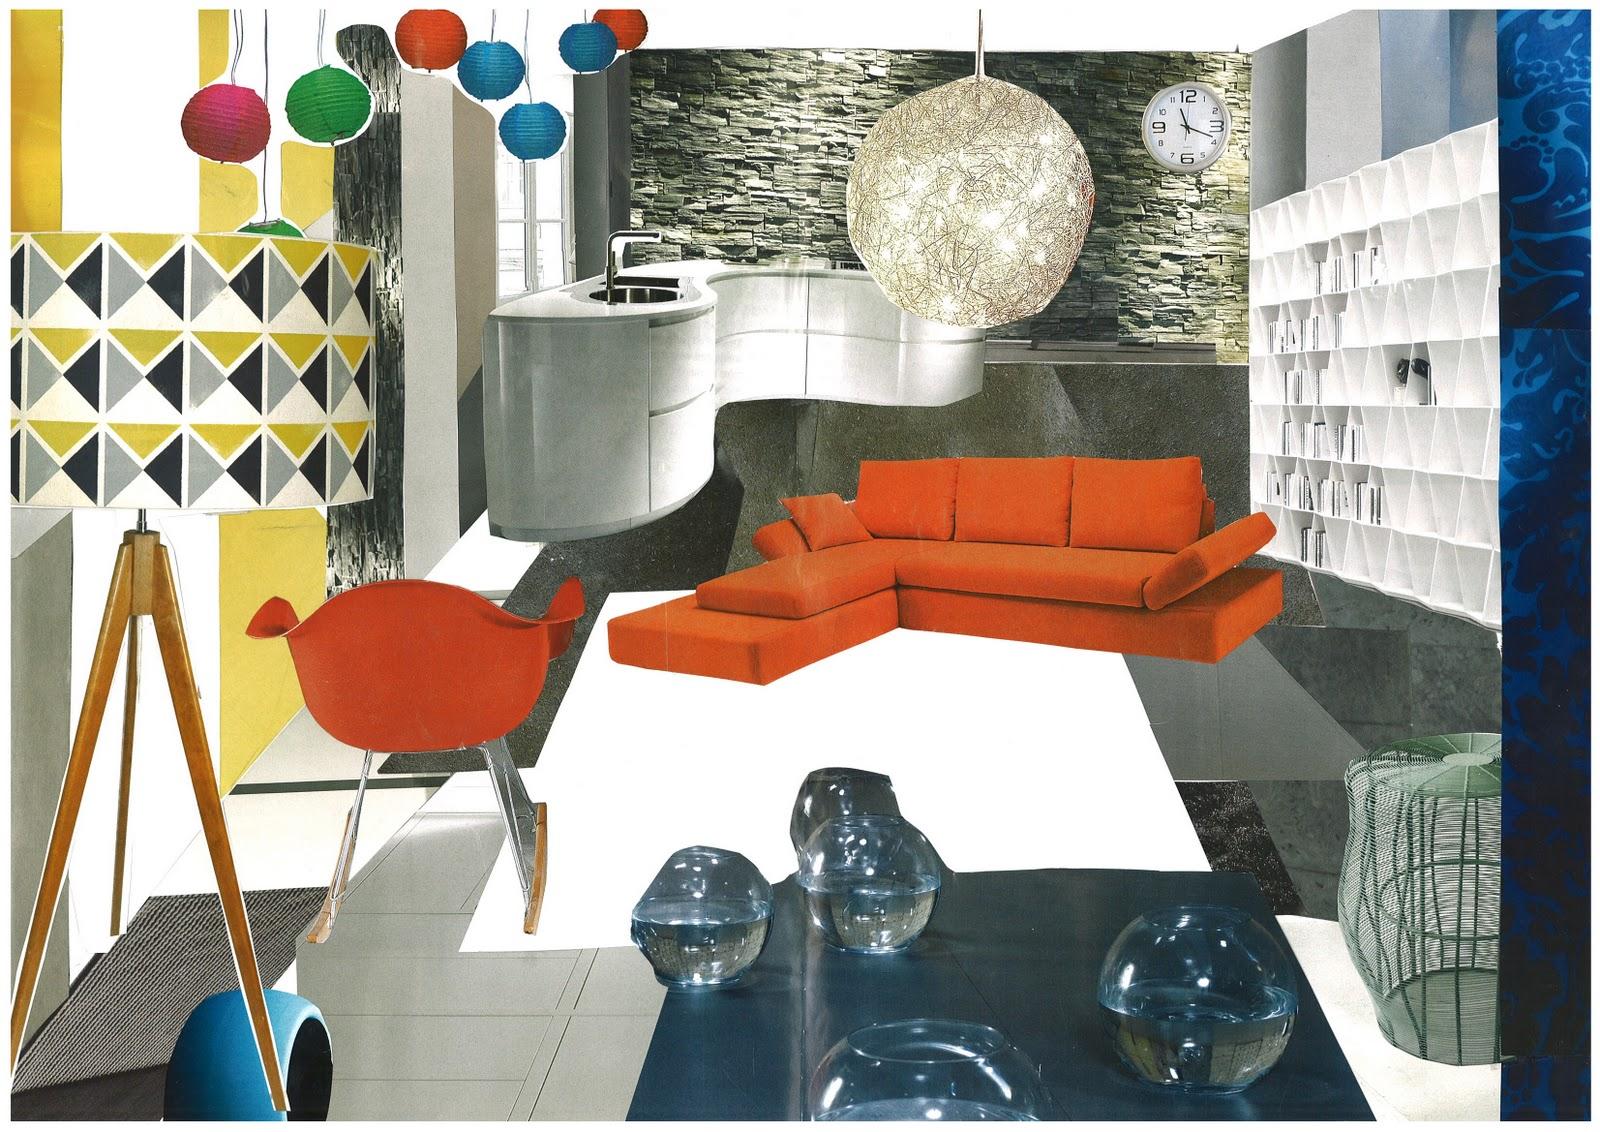 d co design se former s 39 informer 27 03 11 03 04 11. Black Bedroom Furniture Sets. Home Design Ideas